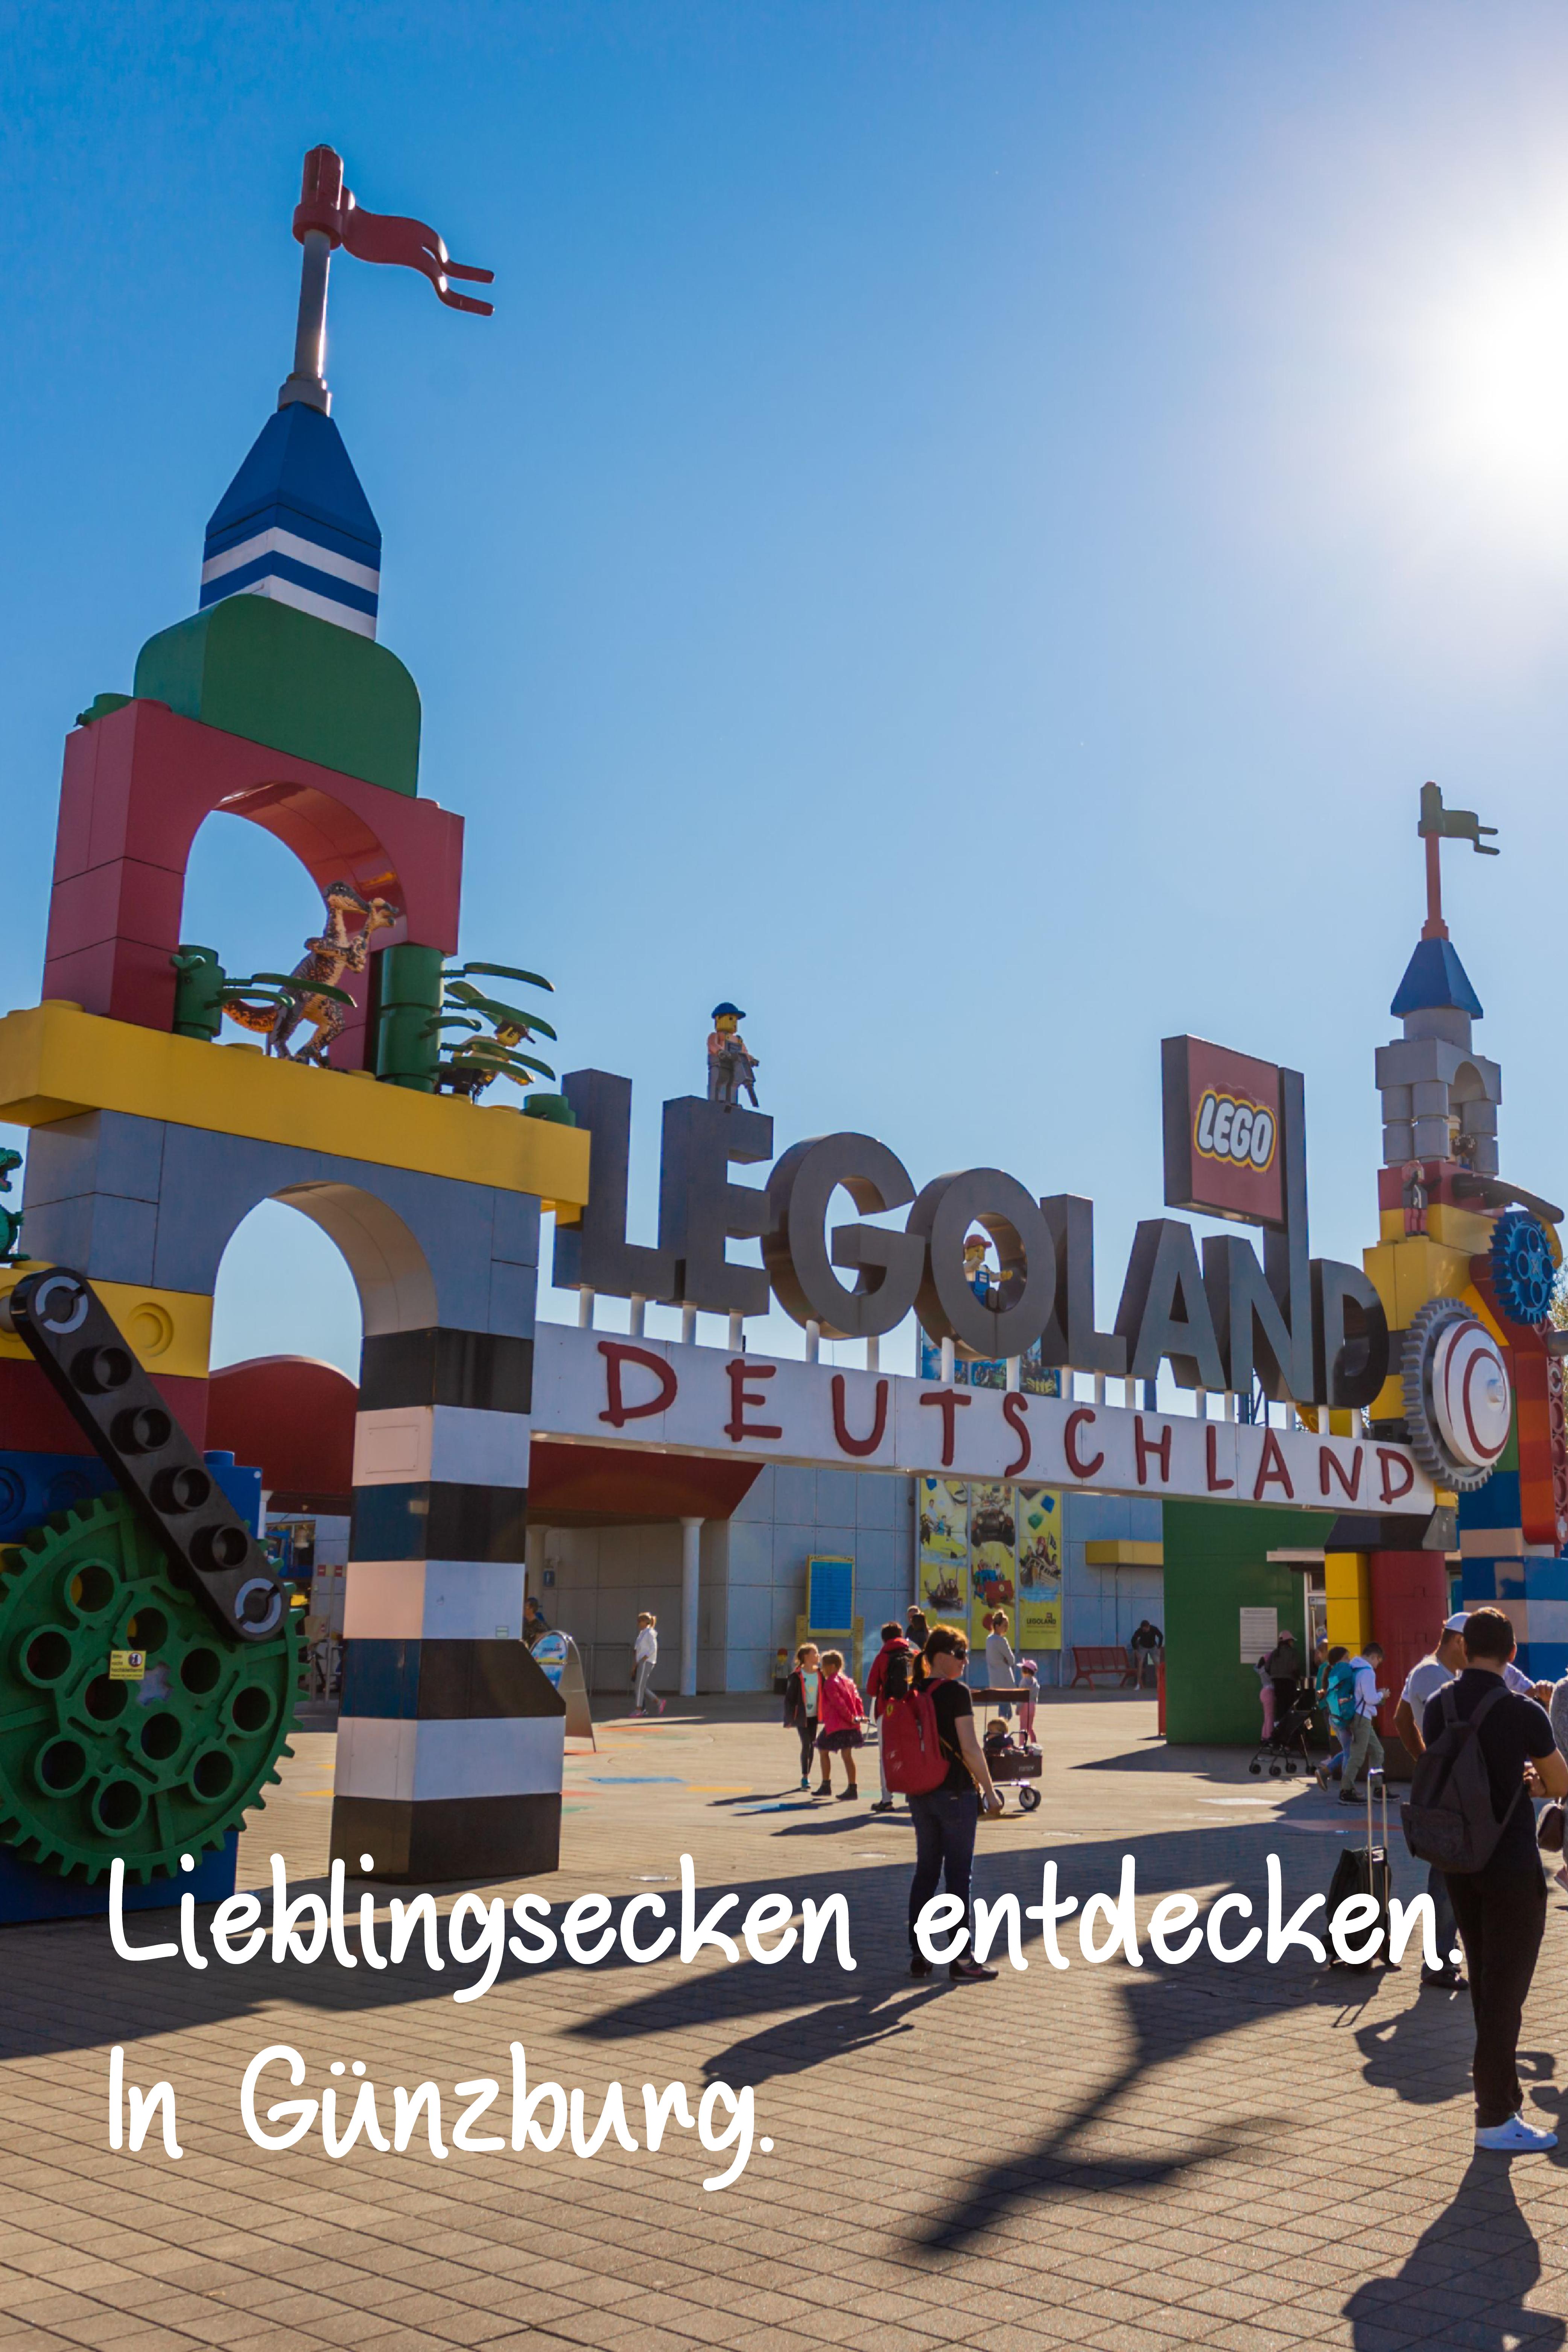 Legoland Deutschland Resort In 2020 Legoland Legoland Gunzburg Familienziele